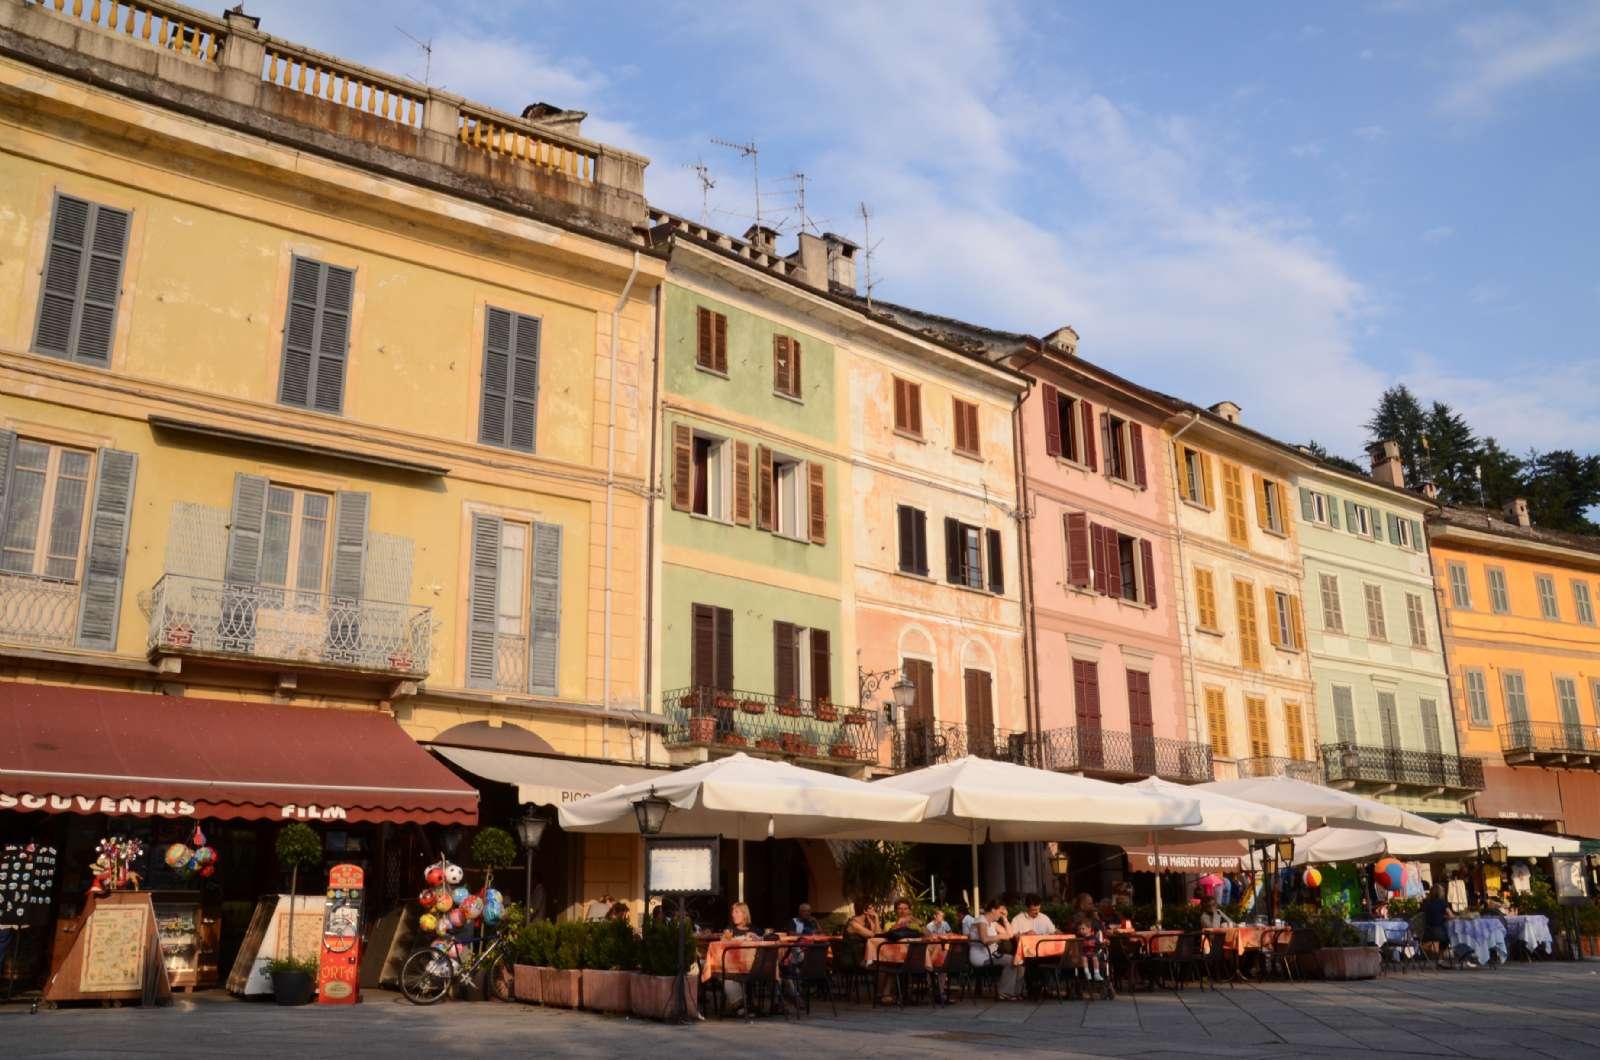 Piazza Motta med kaffebarer, restauranter og butikker